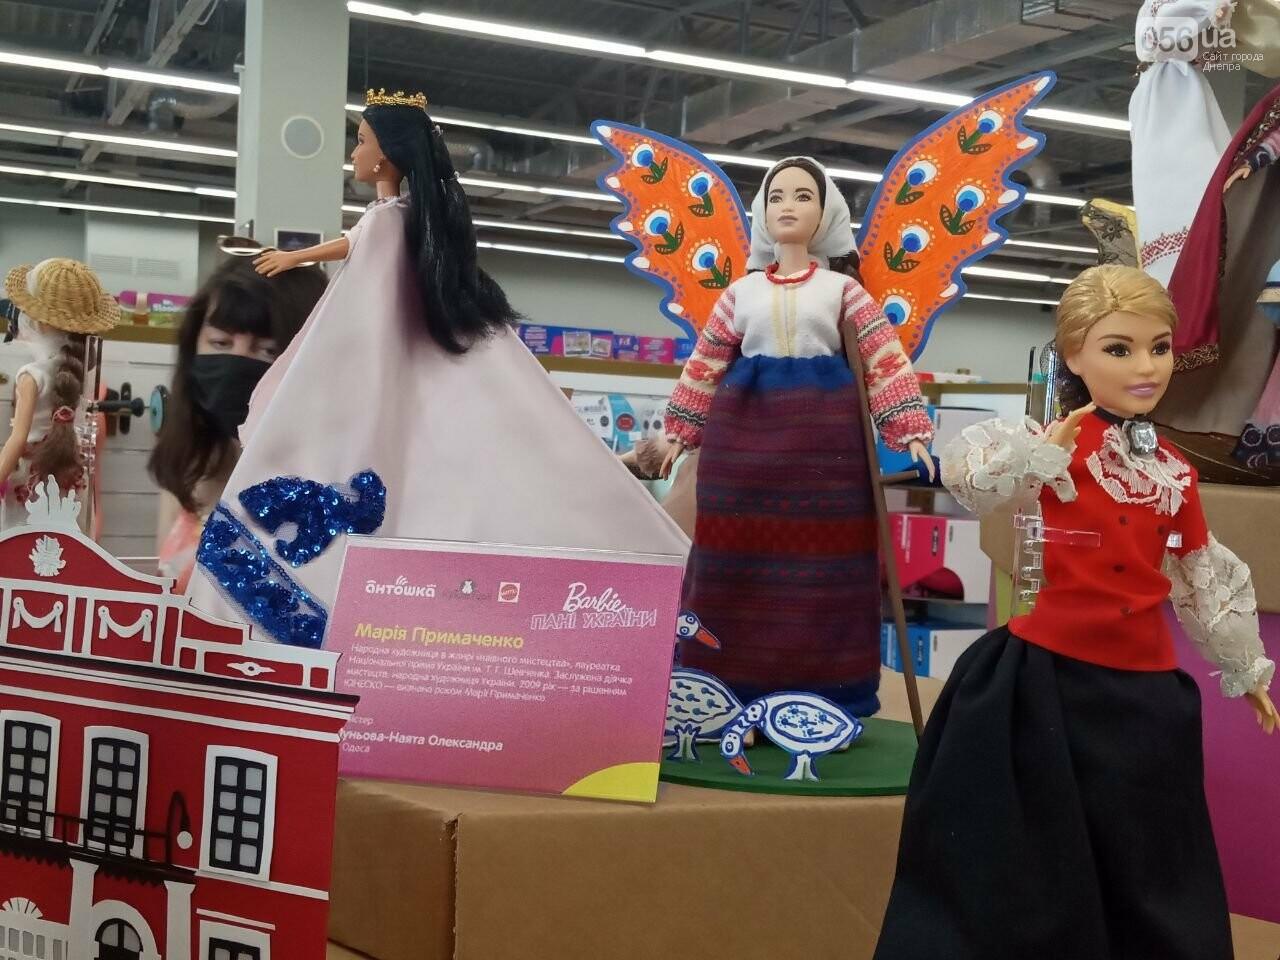 В Днепре продолжают гостить куклы Barbie, - ФОТО, фото-16